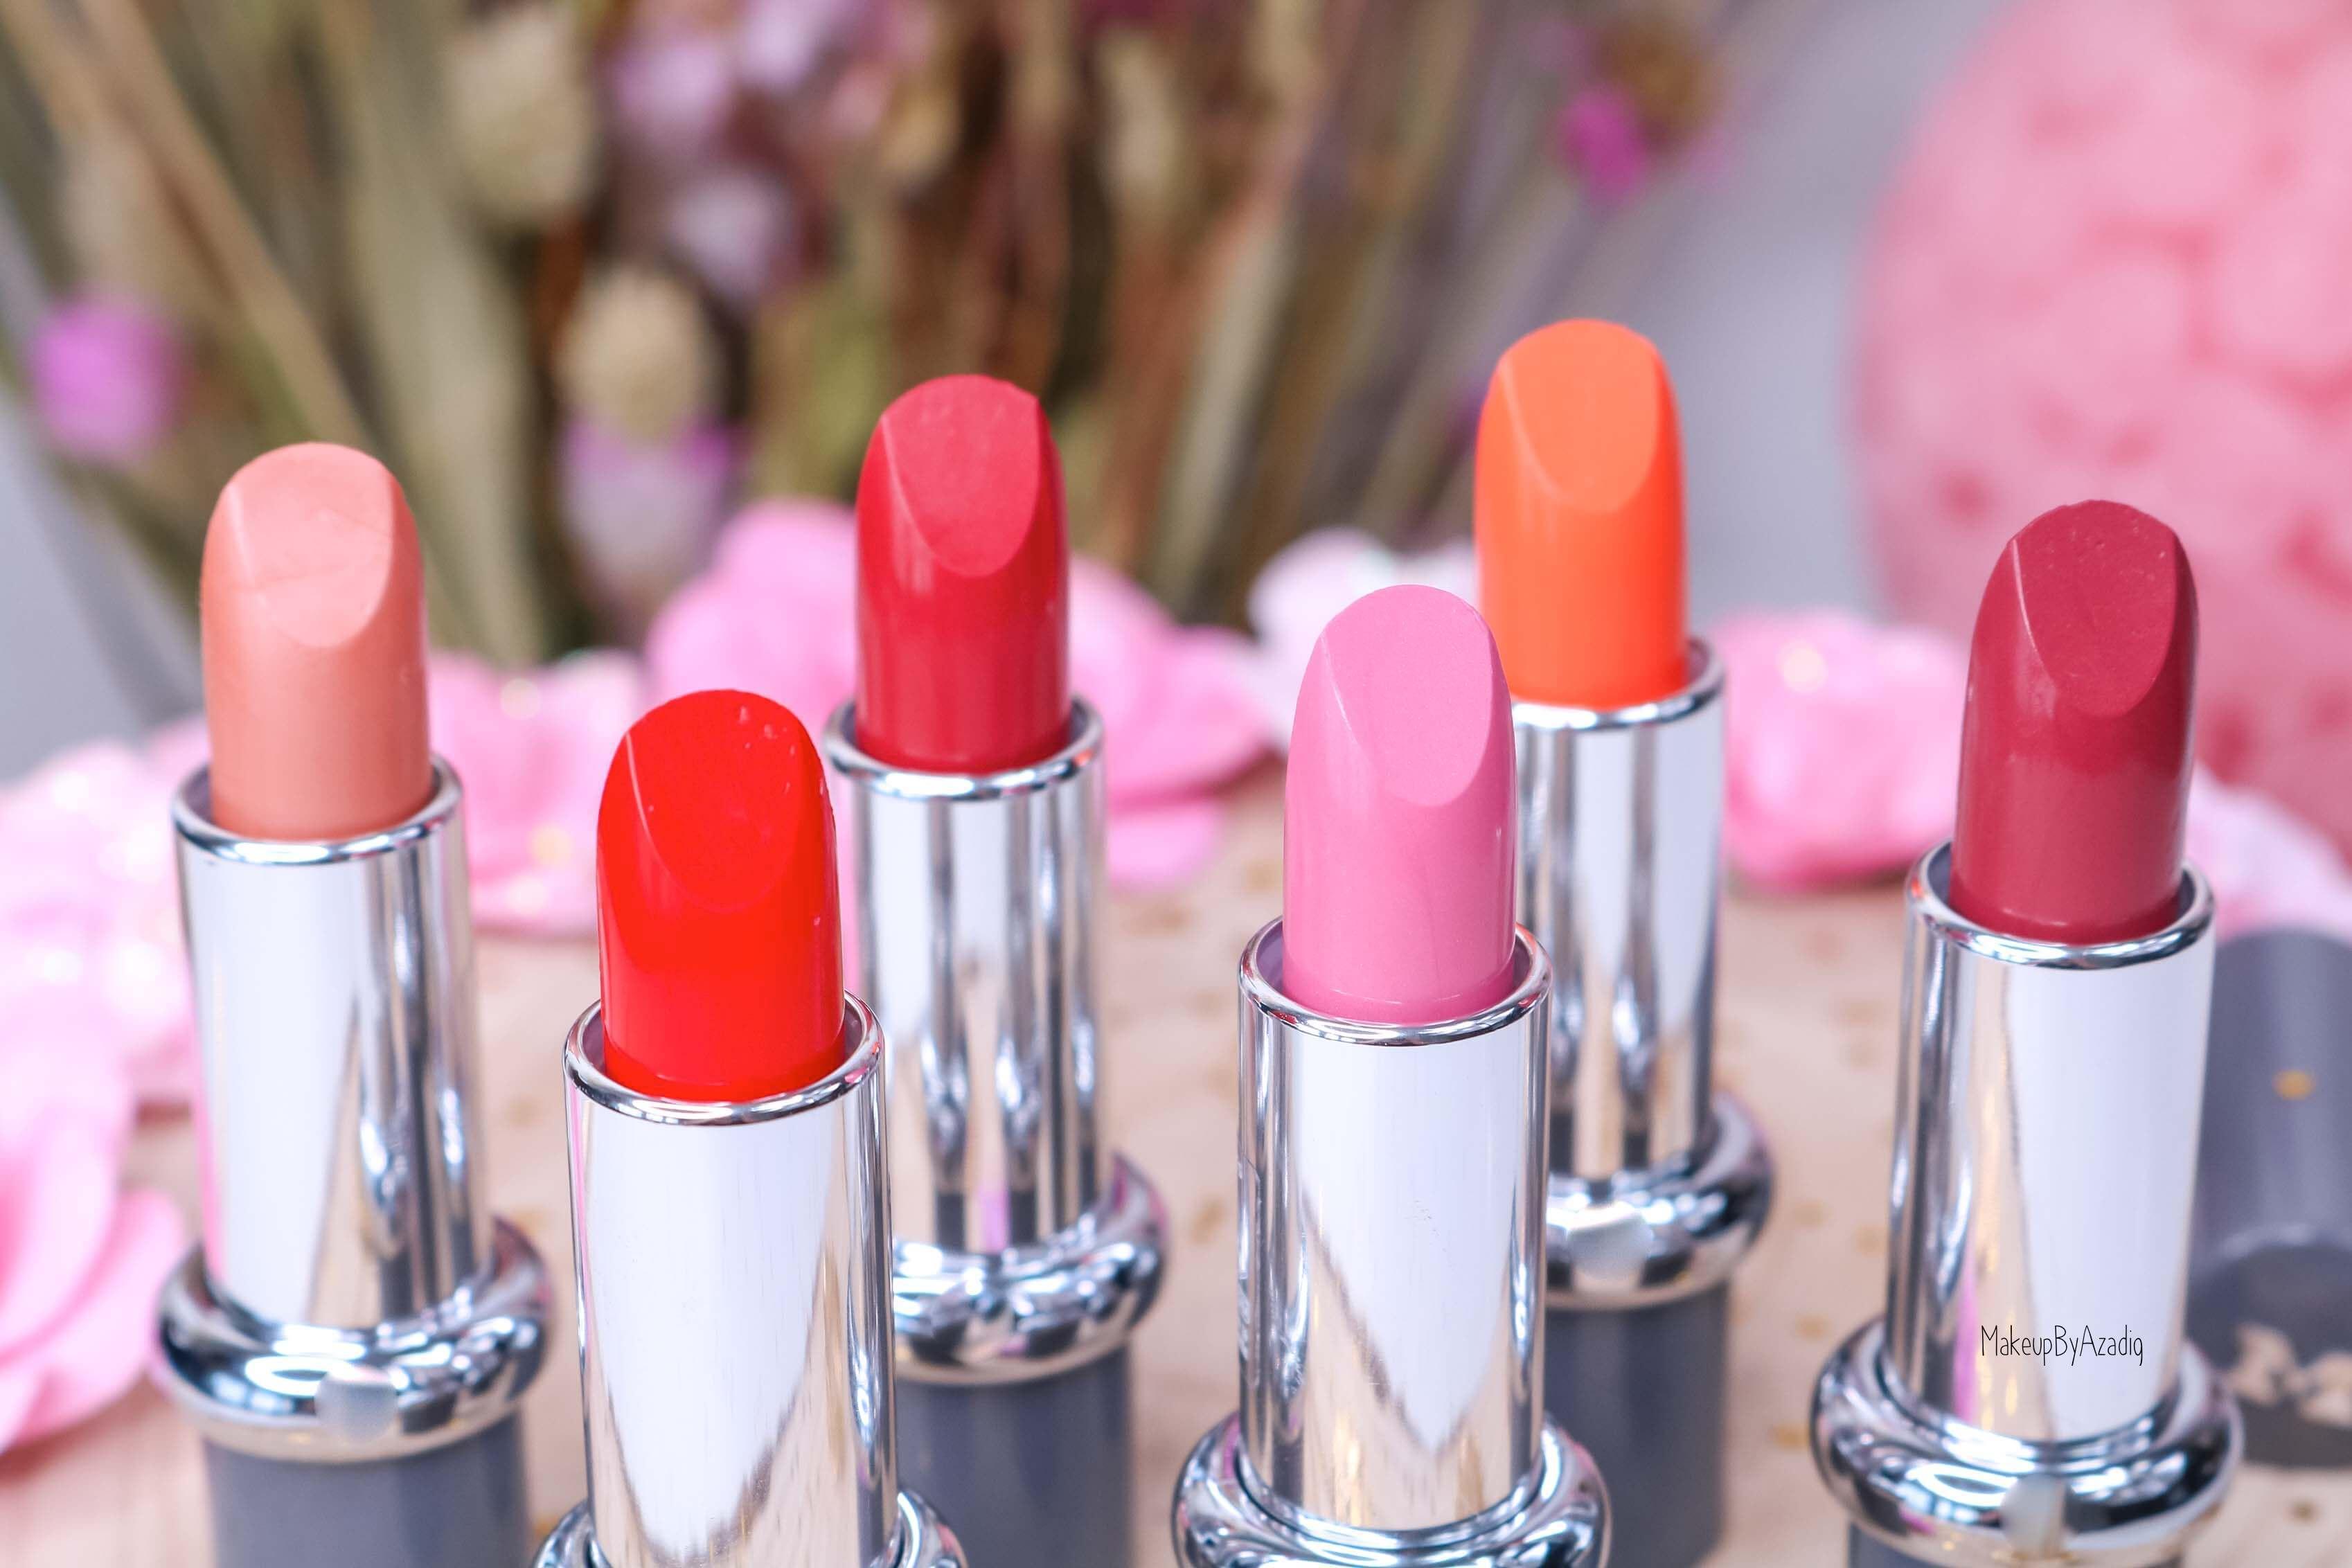 revue-rouge-a-levres-mavala-collection-sunlight-tendance-printemps-ete-2019-2020-monoprix-paris-makeupbyazadig-avis-prix-swatch-teintes